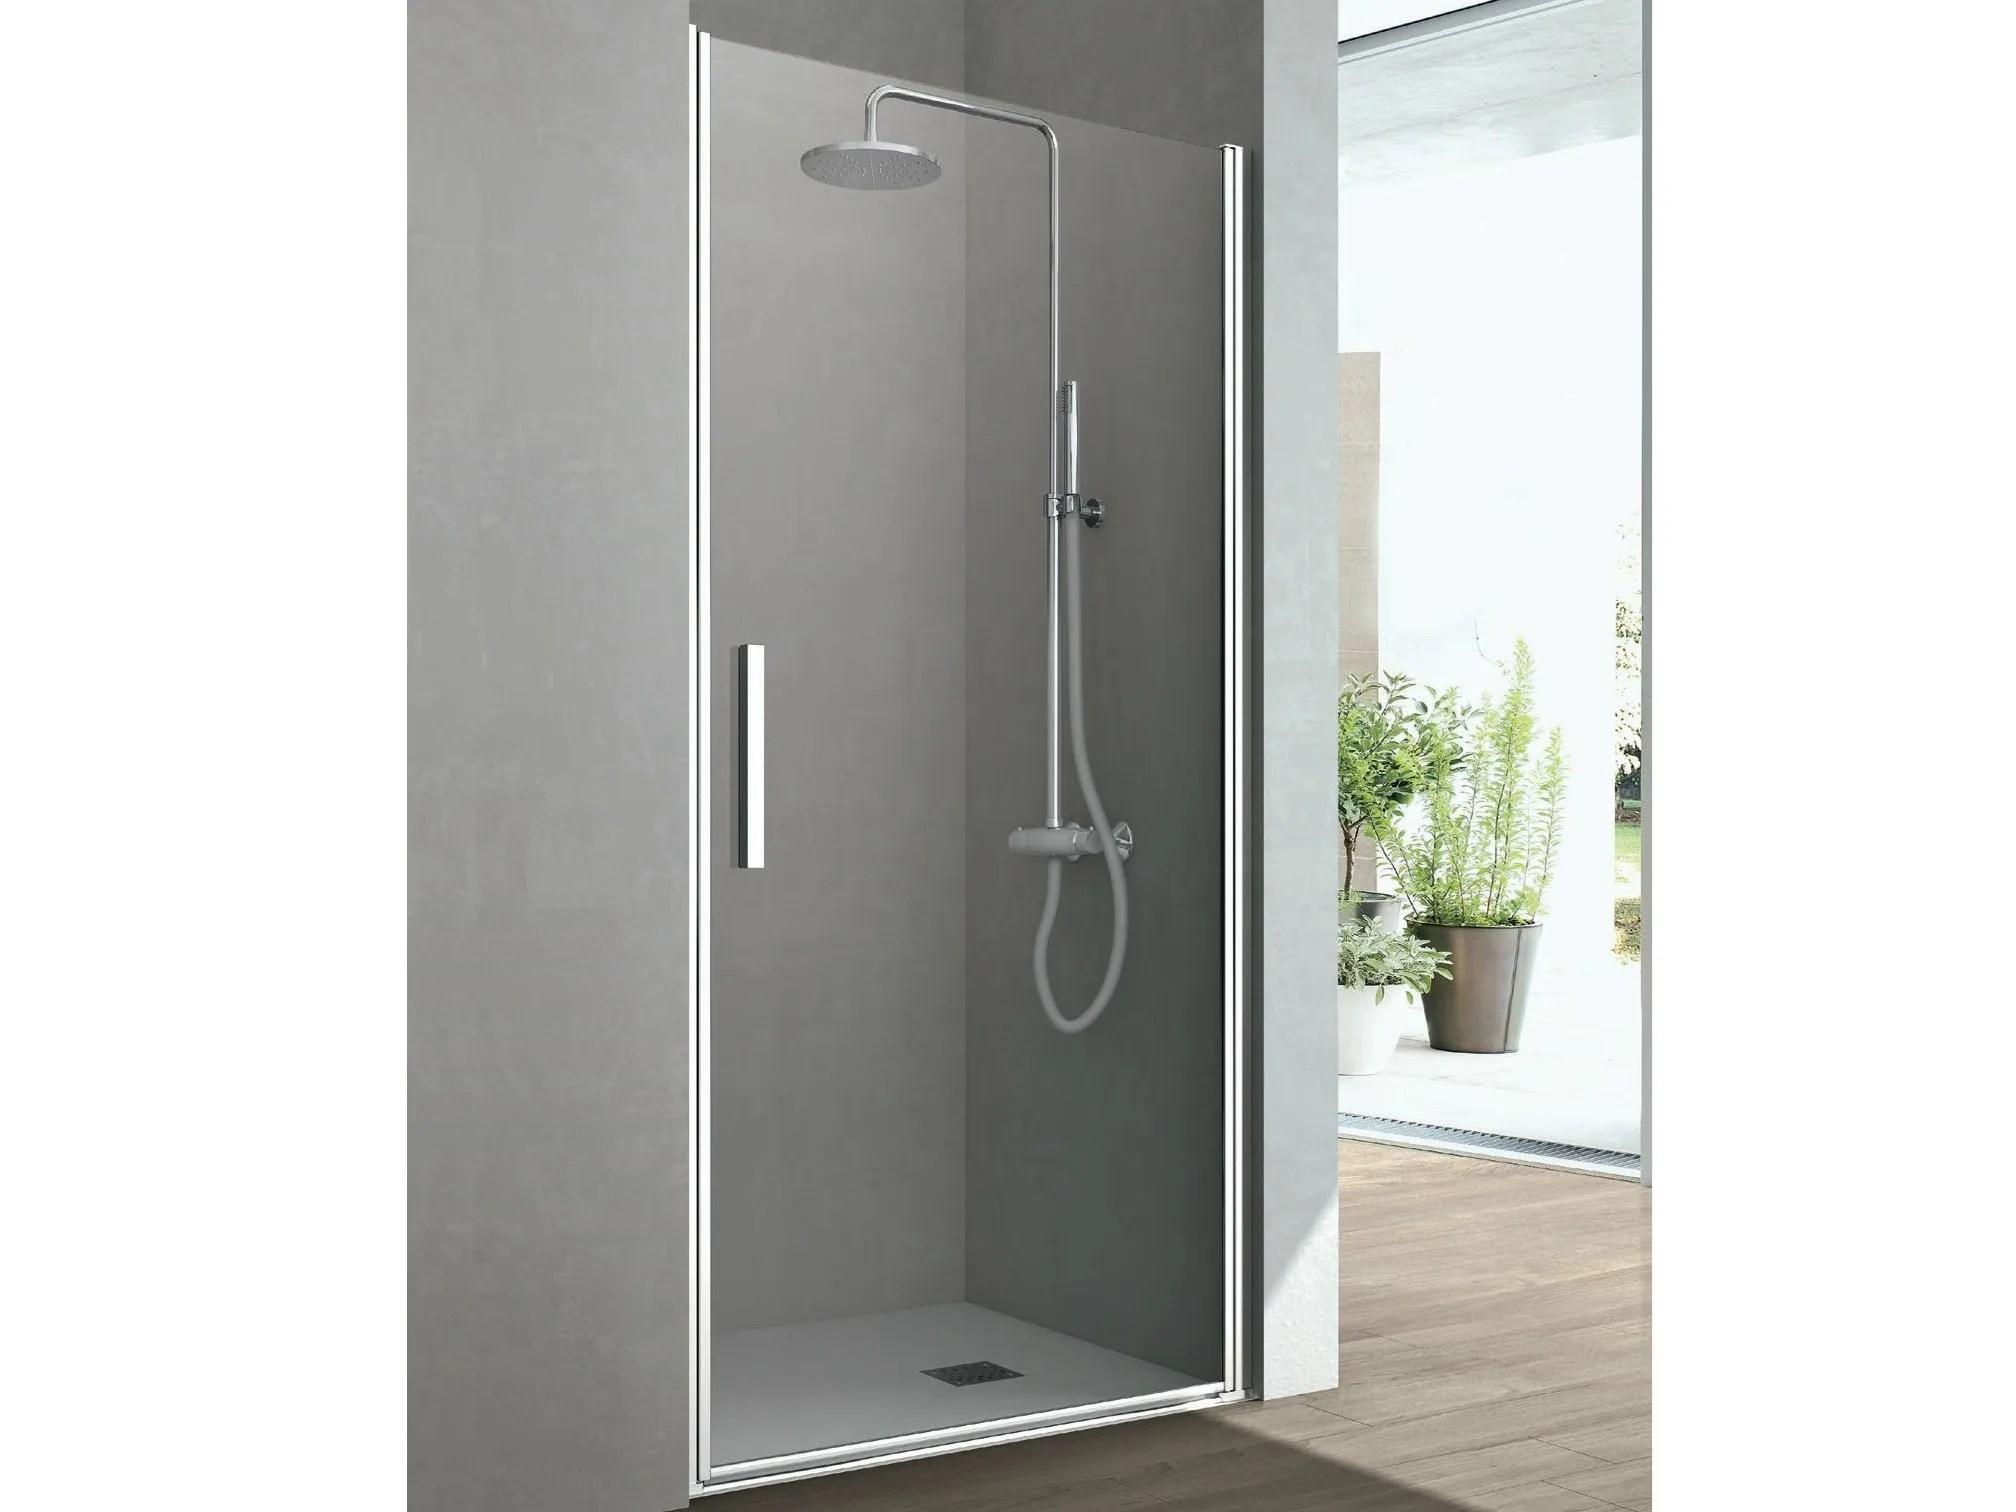 Vasca Da Bagno Hafro Modello Nova : Hafro docce colonna doccia a parete multifunzione termostatica in